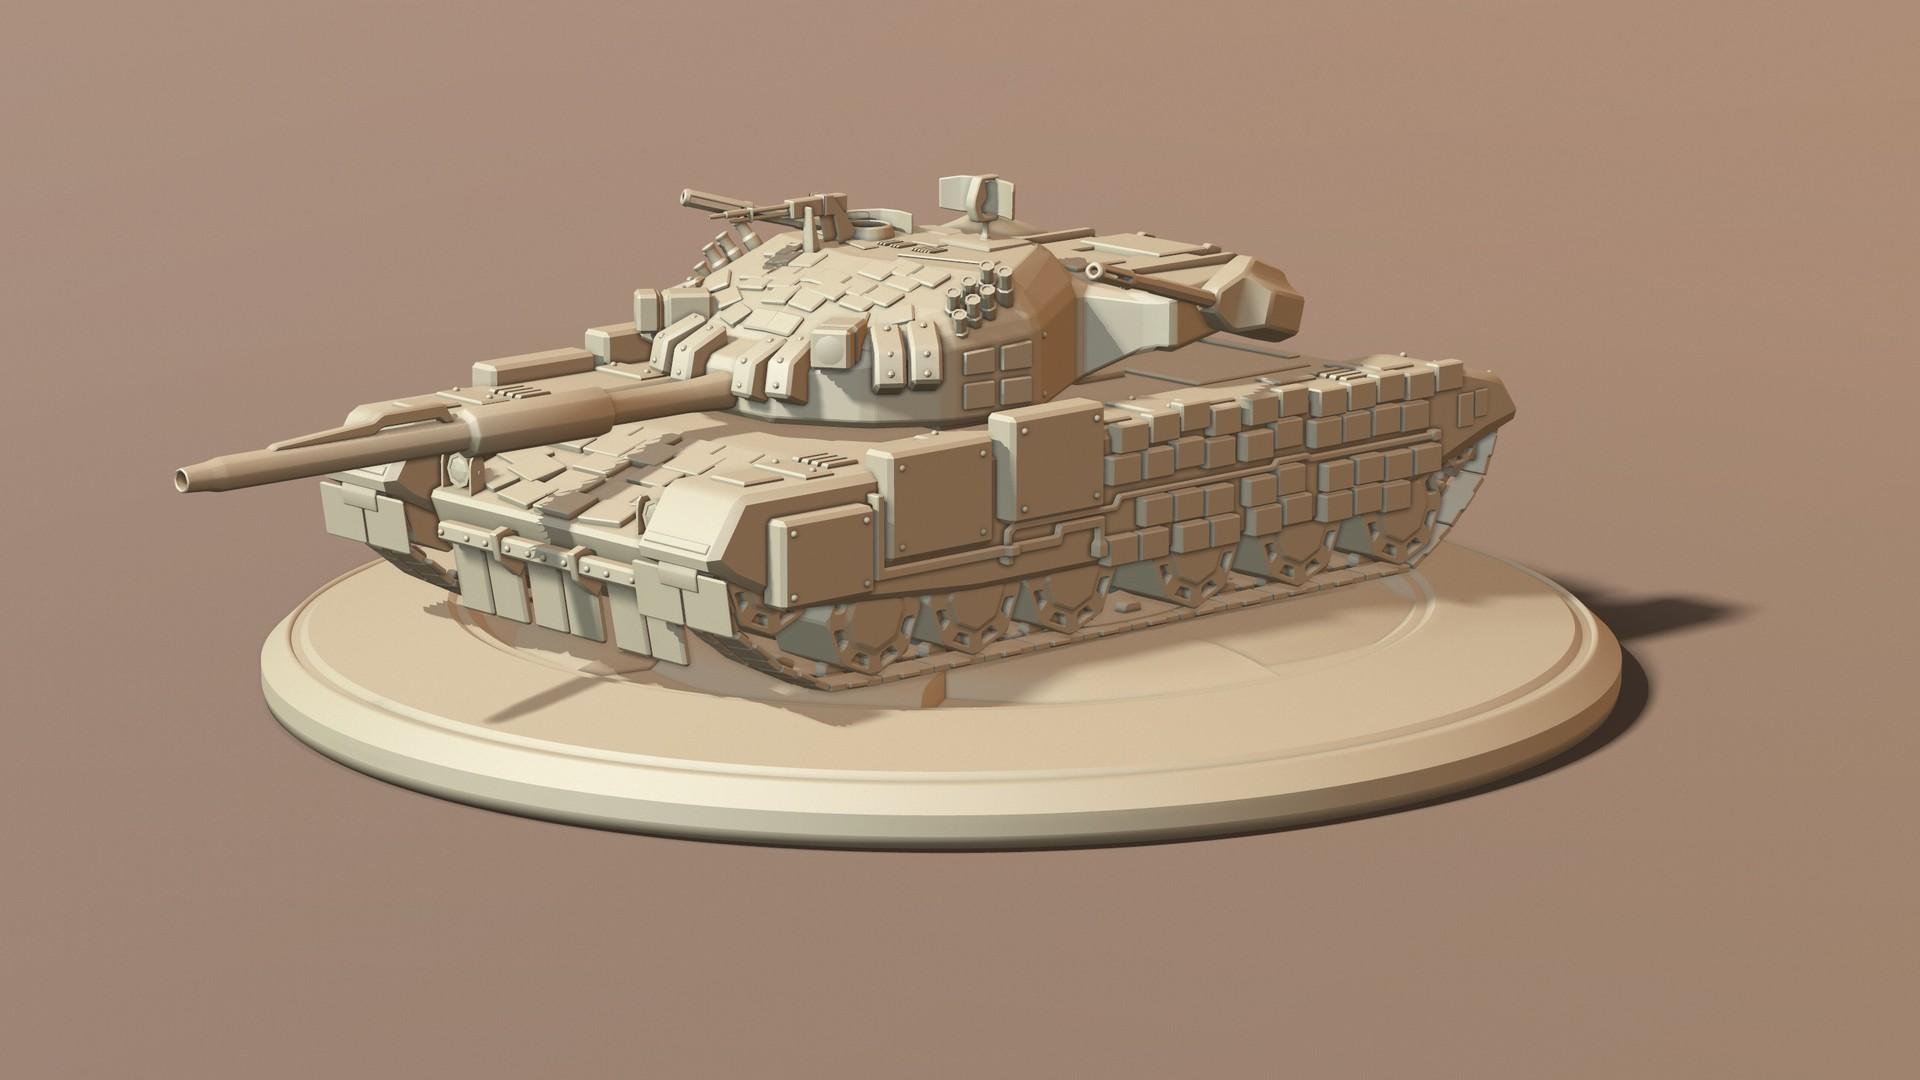 Tank, Endwar fan-art - Sculpt